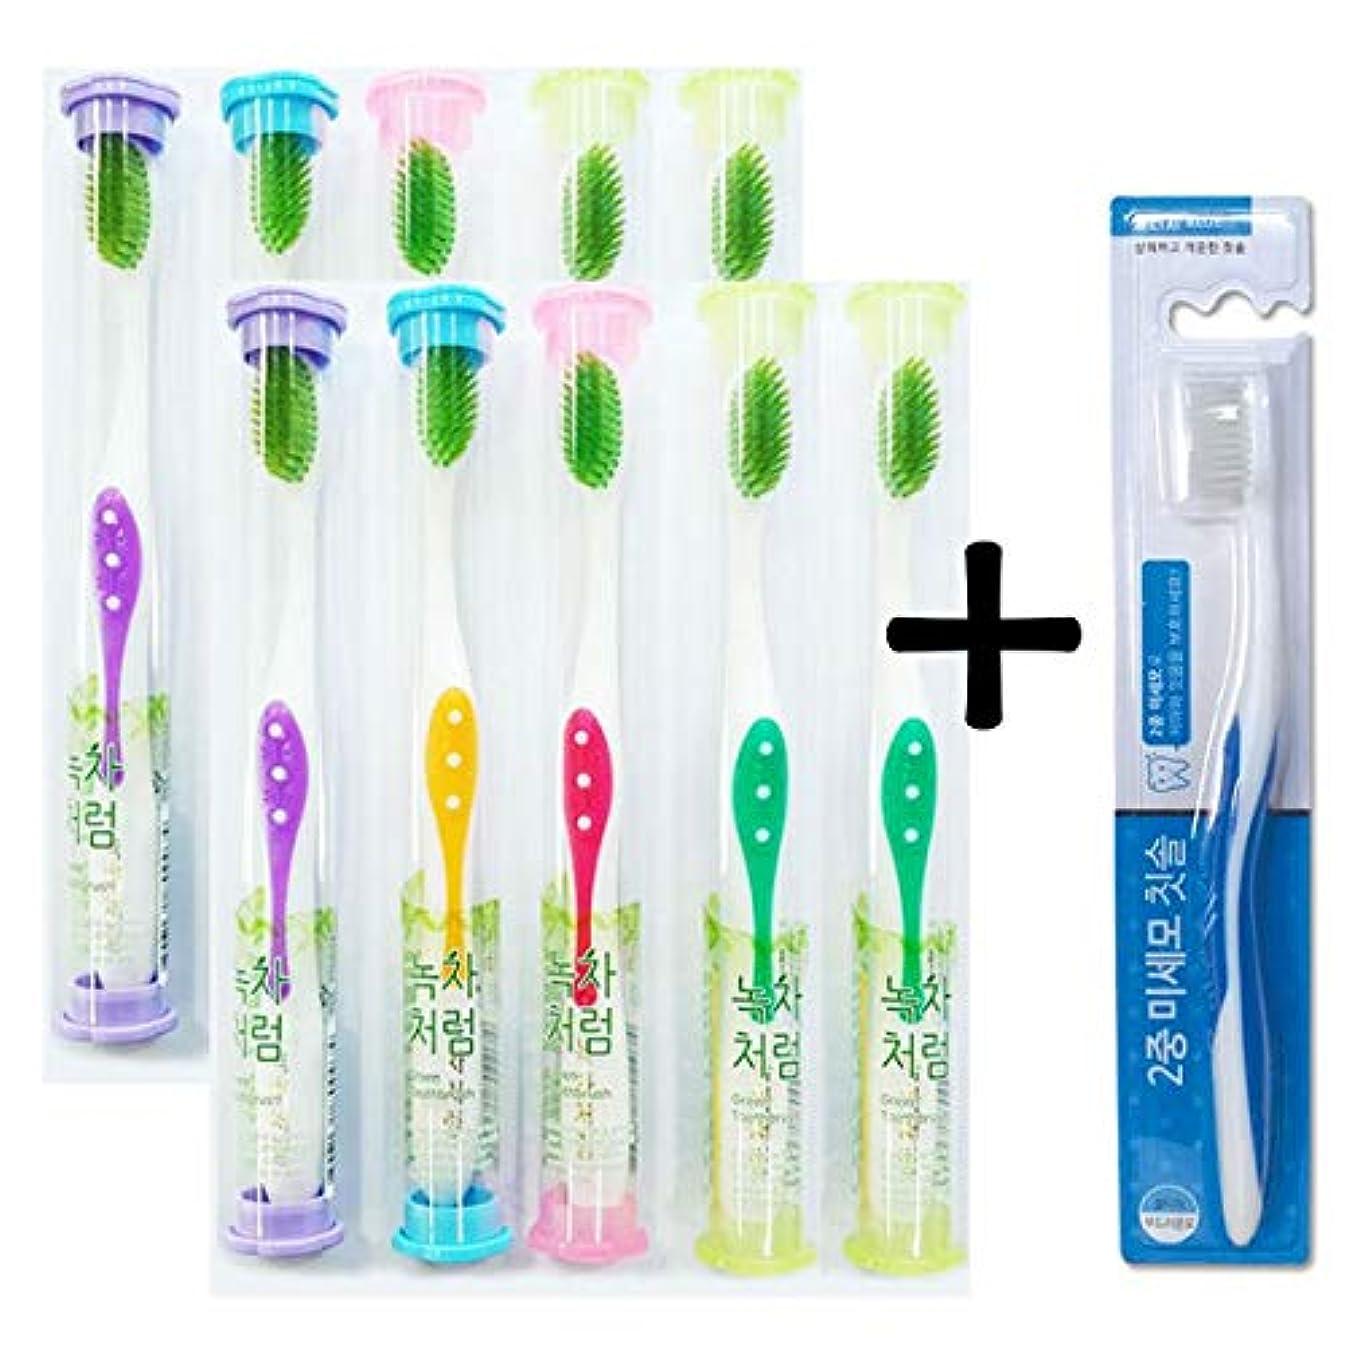 休暇達成落ち着かないKorea Green Toothbrush 10+1 Special Set Lovely individual case Random color 緑茶の歯ブラシ10本,ランデン発送+クルターチ2重微細胞歯ブラシ1本